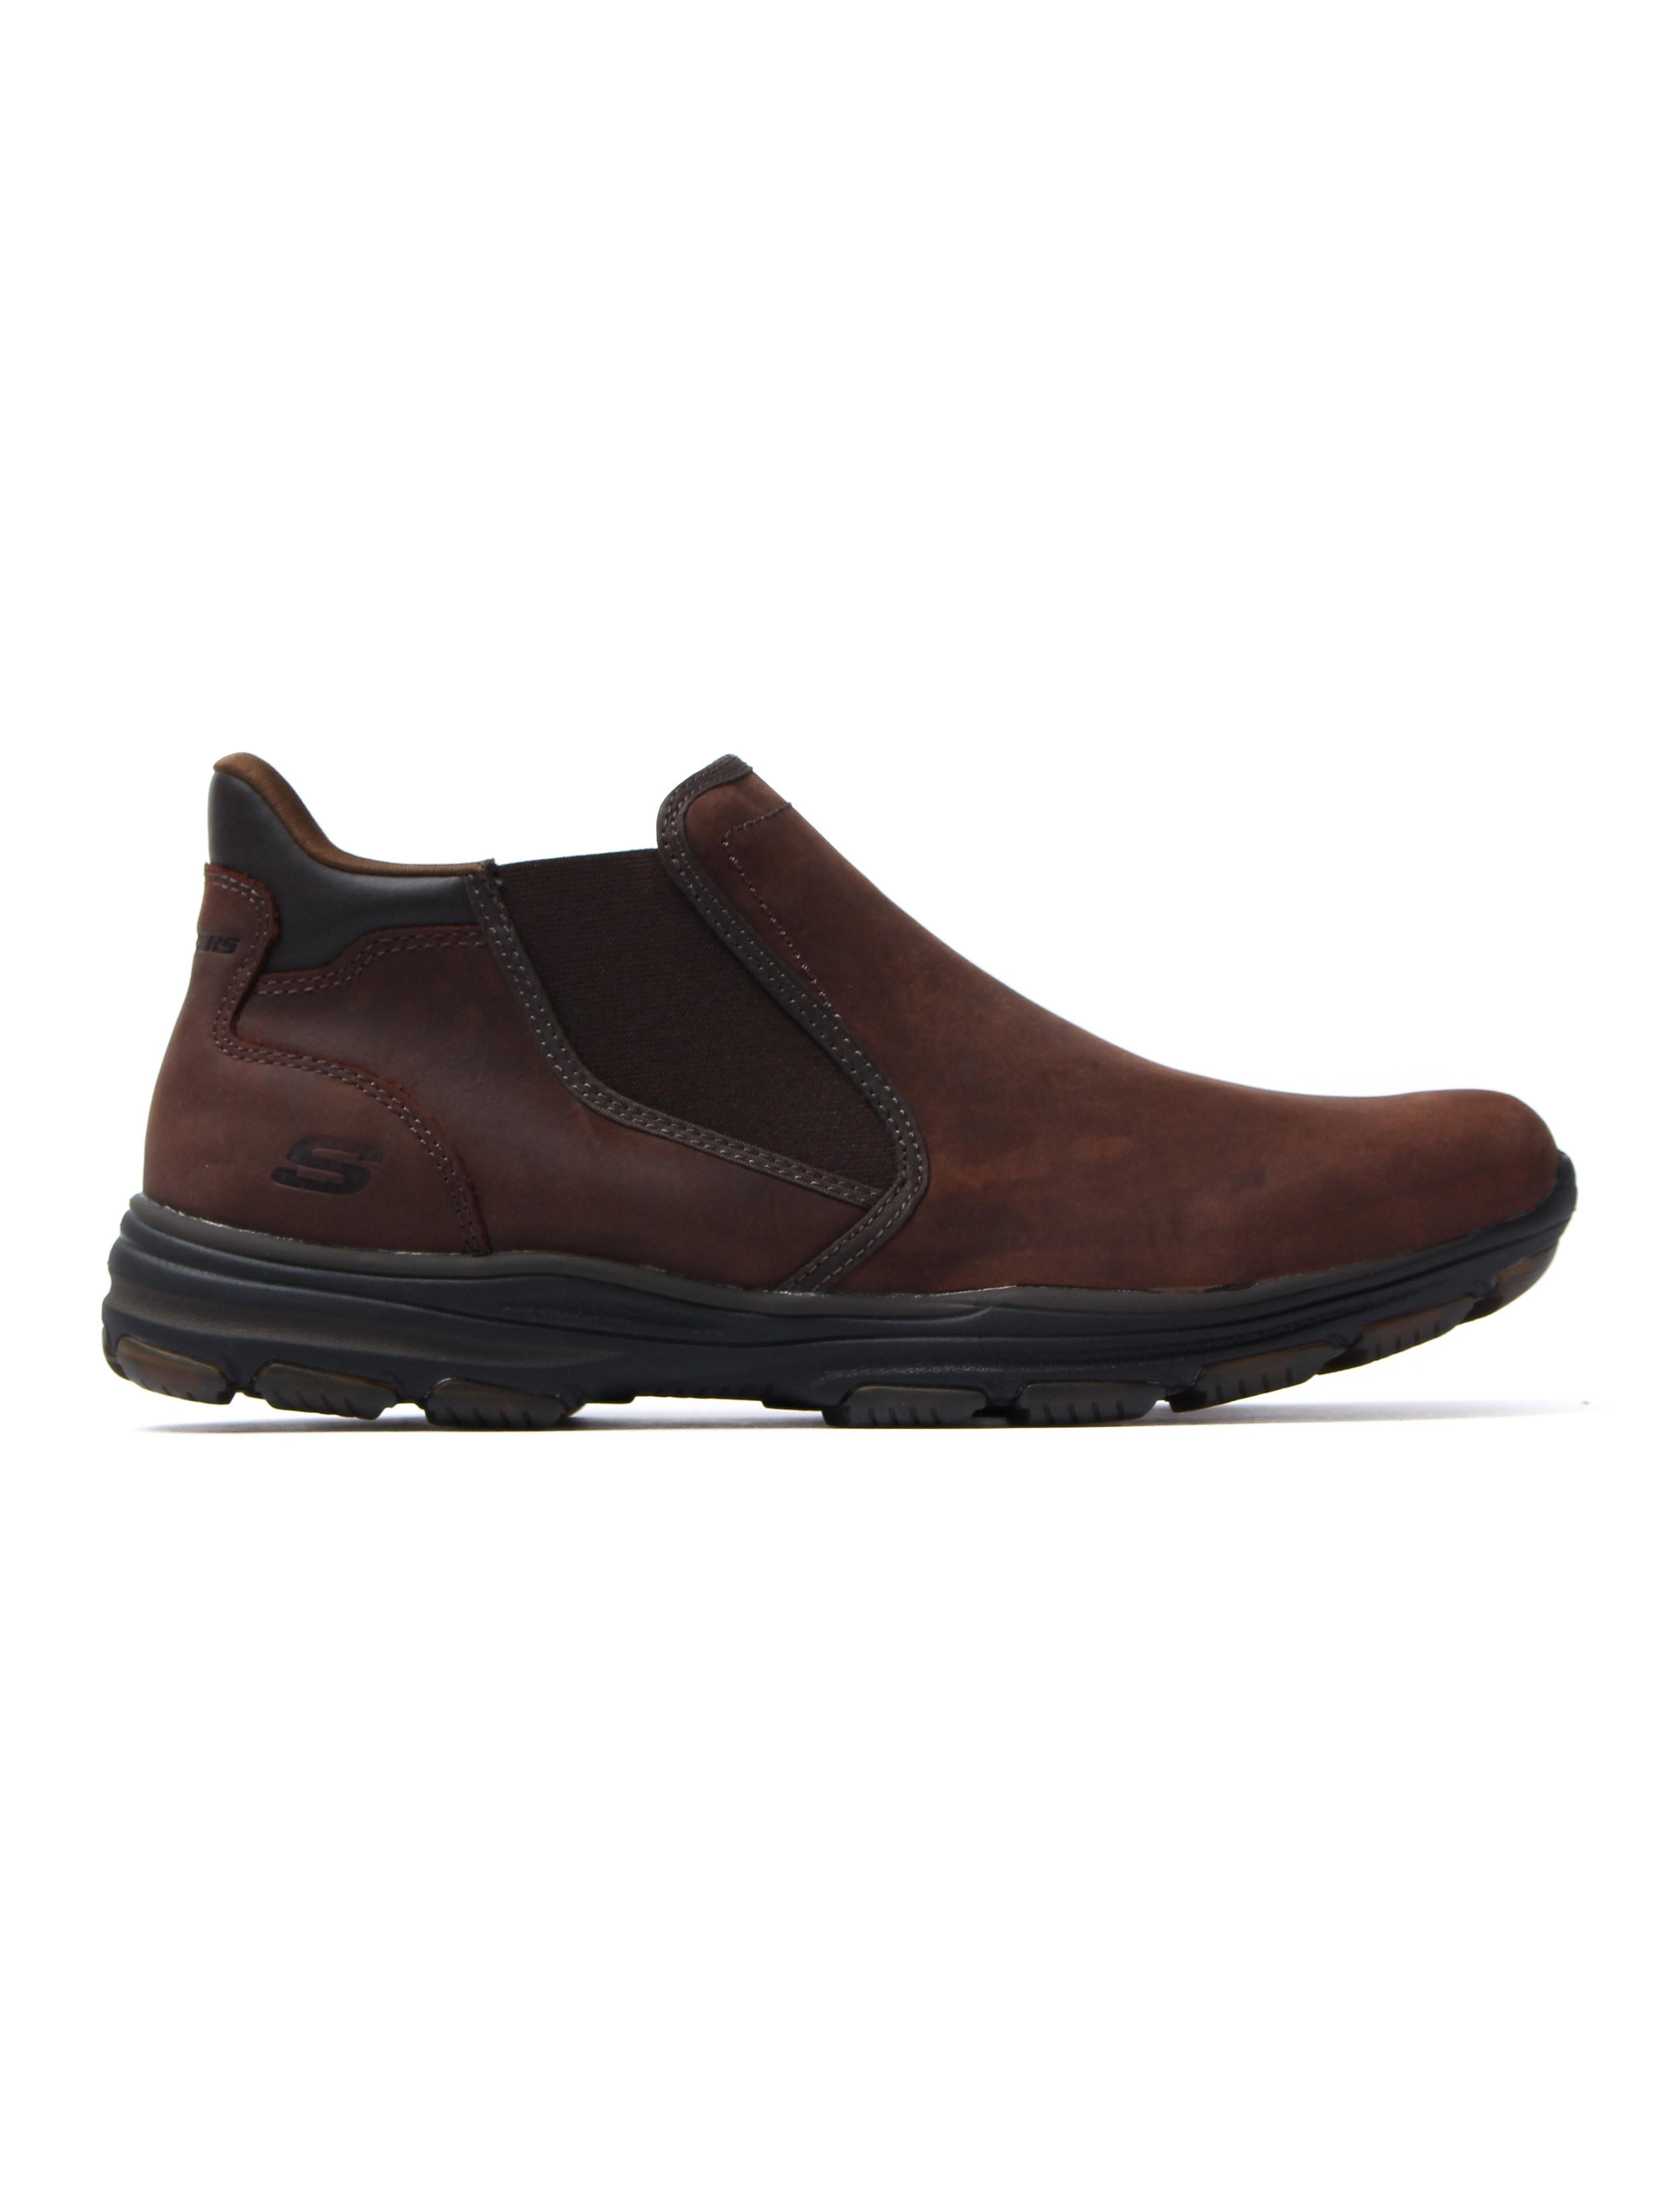 Skechers Men's Garton Keven Boots - Dark Brown